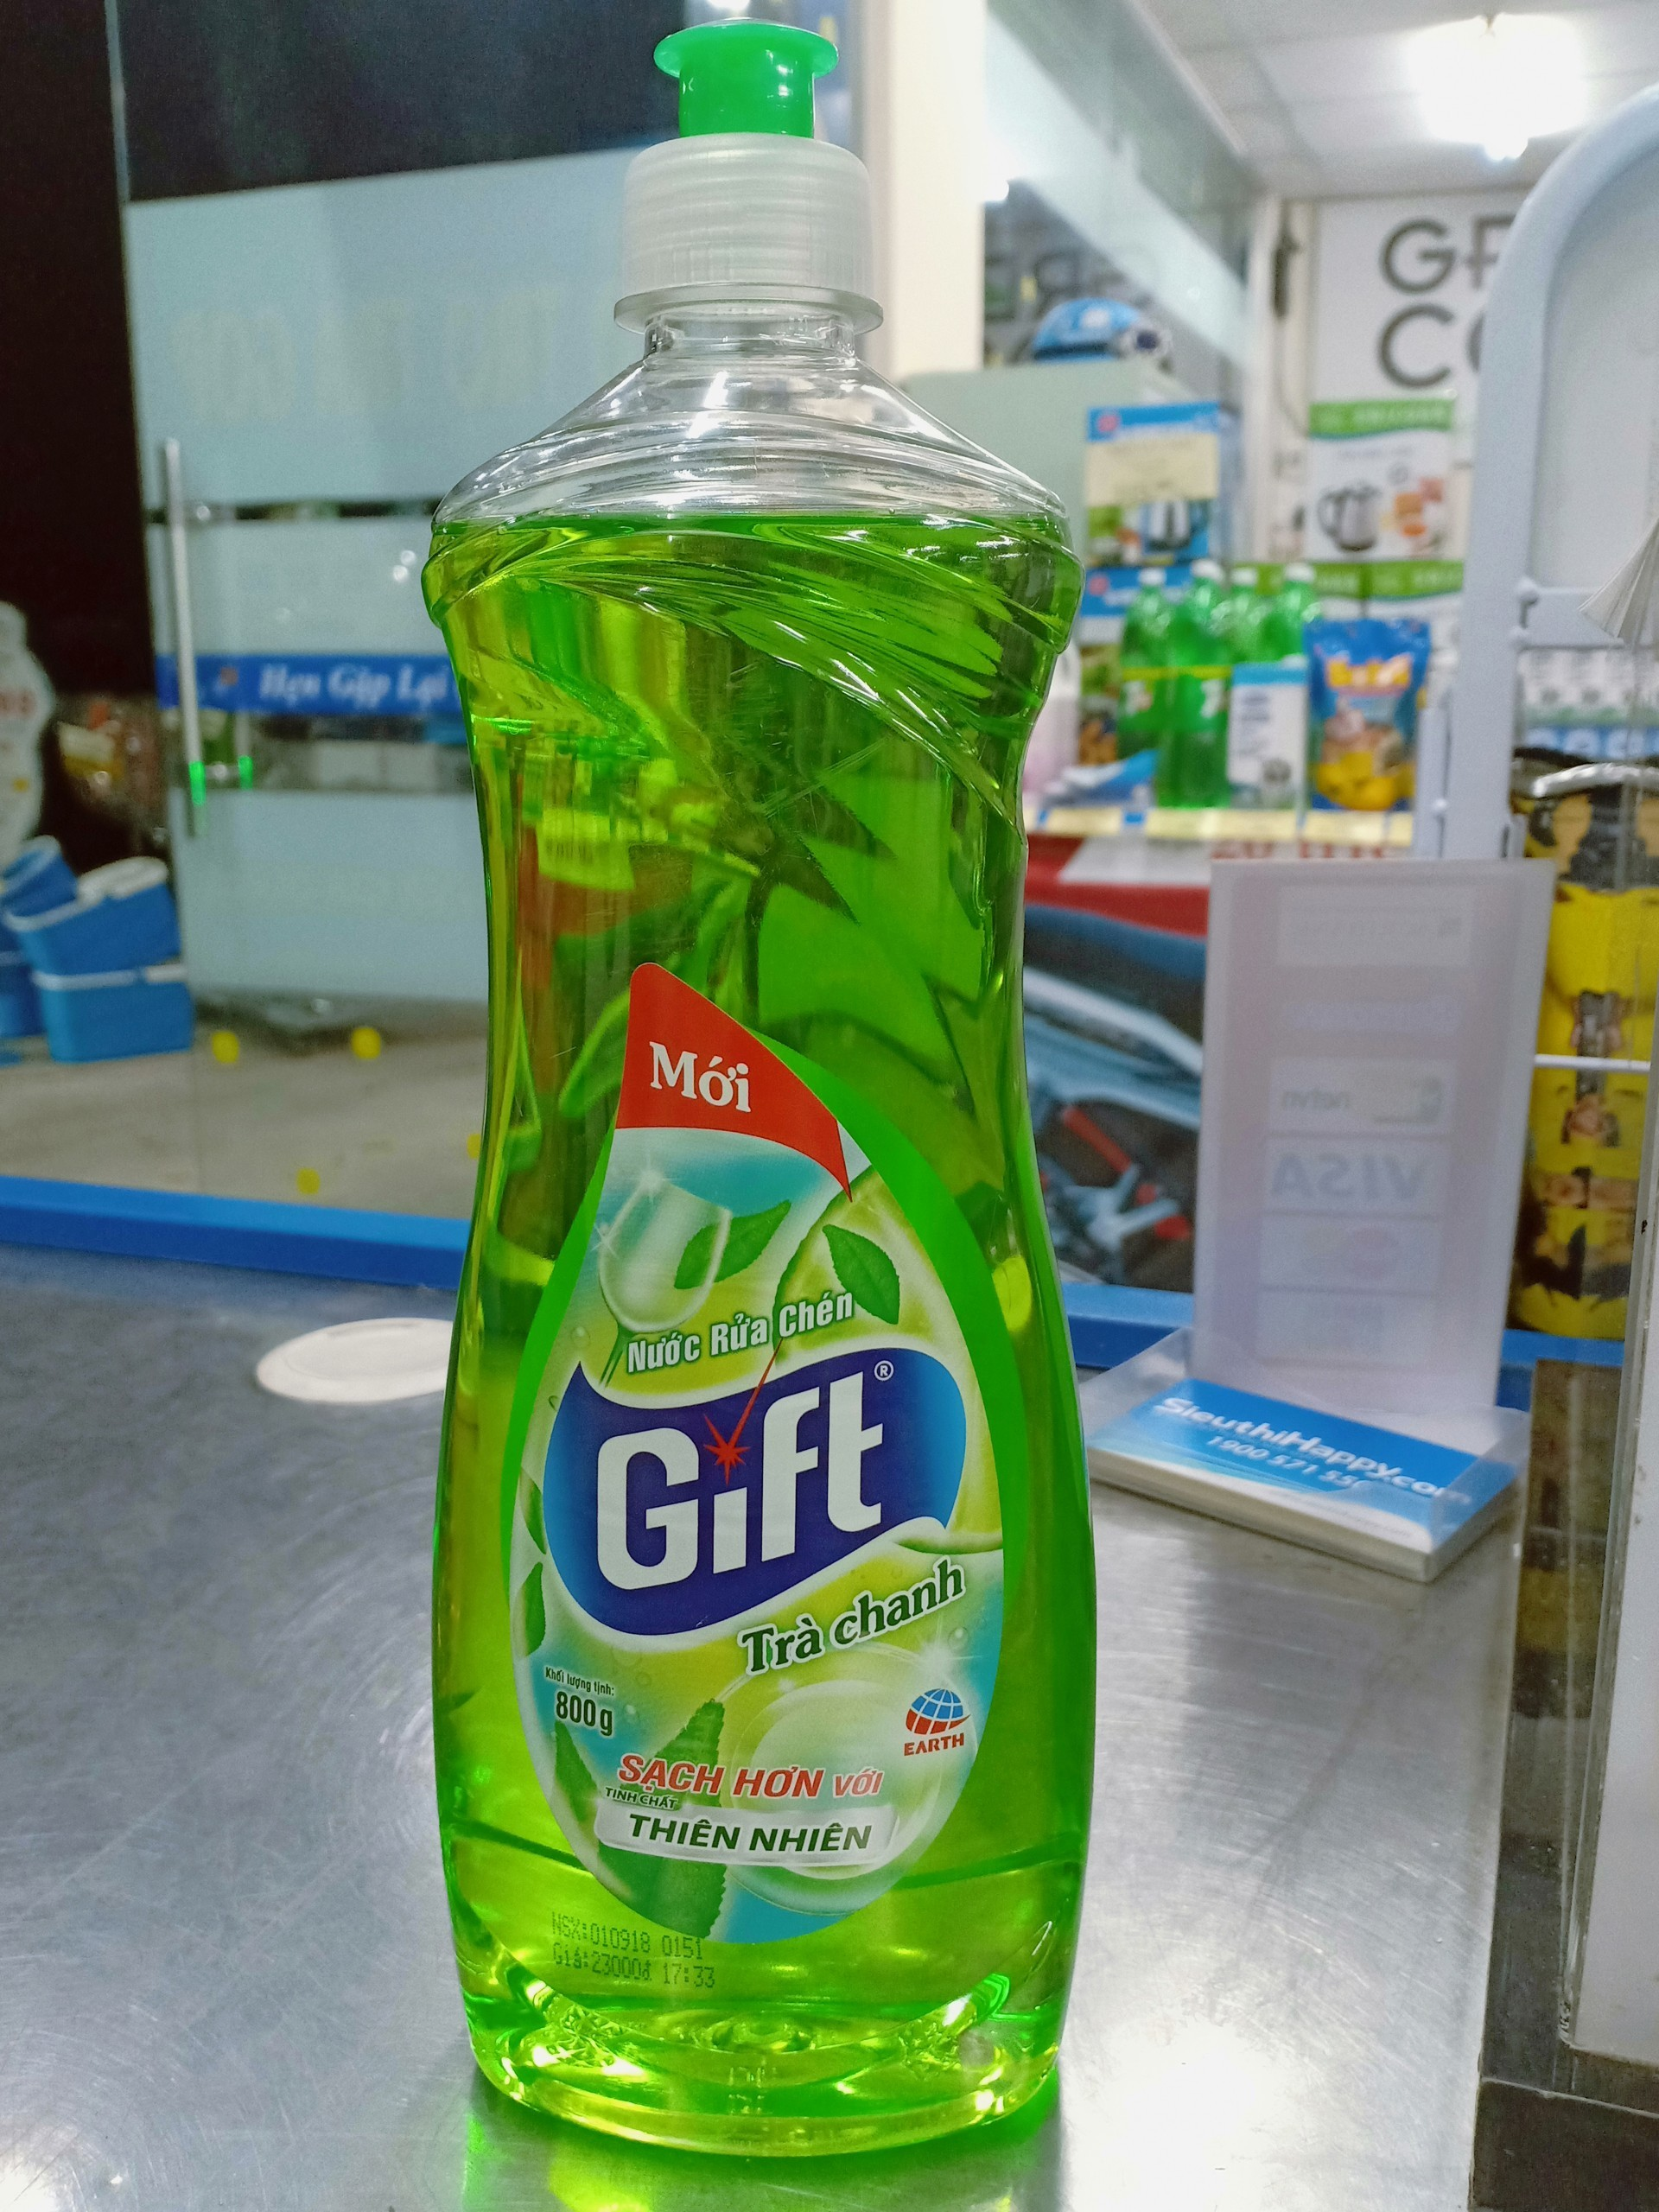 Nước rửa chén Gift hương trà chanh 800g